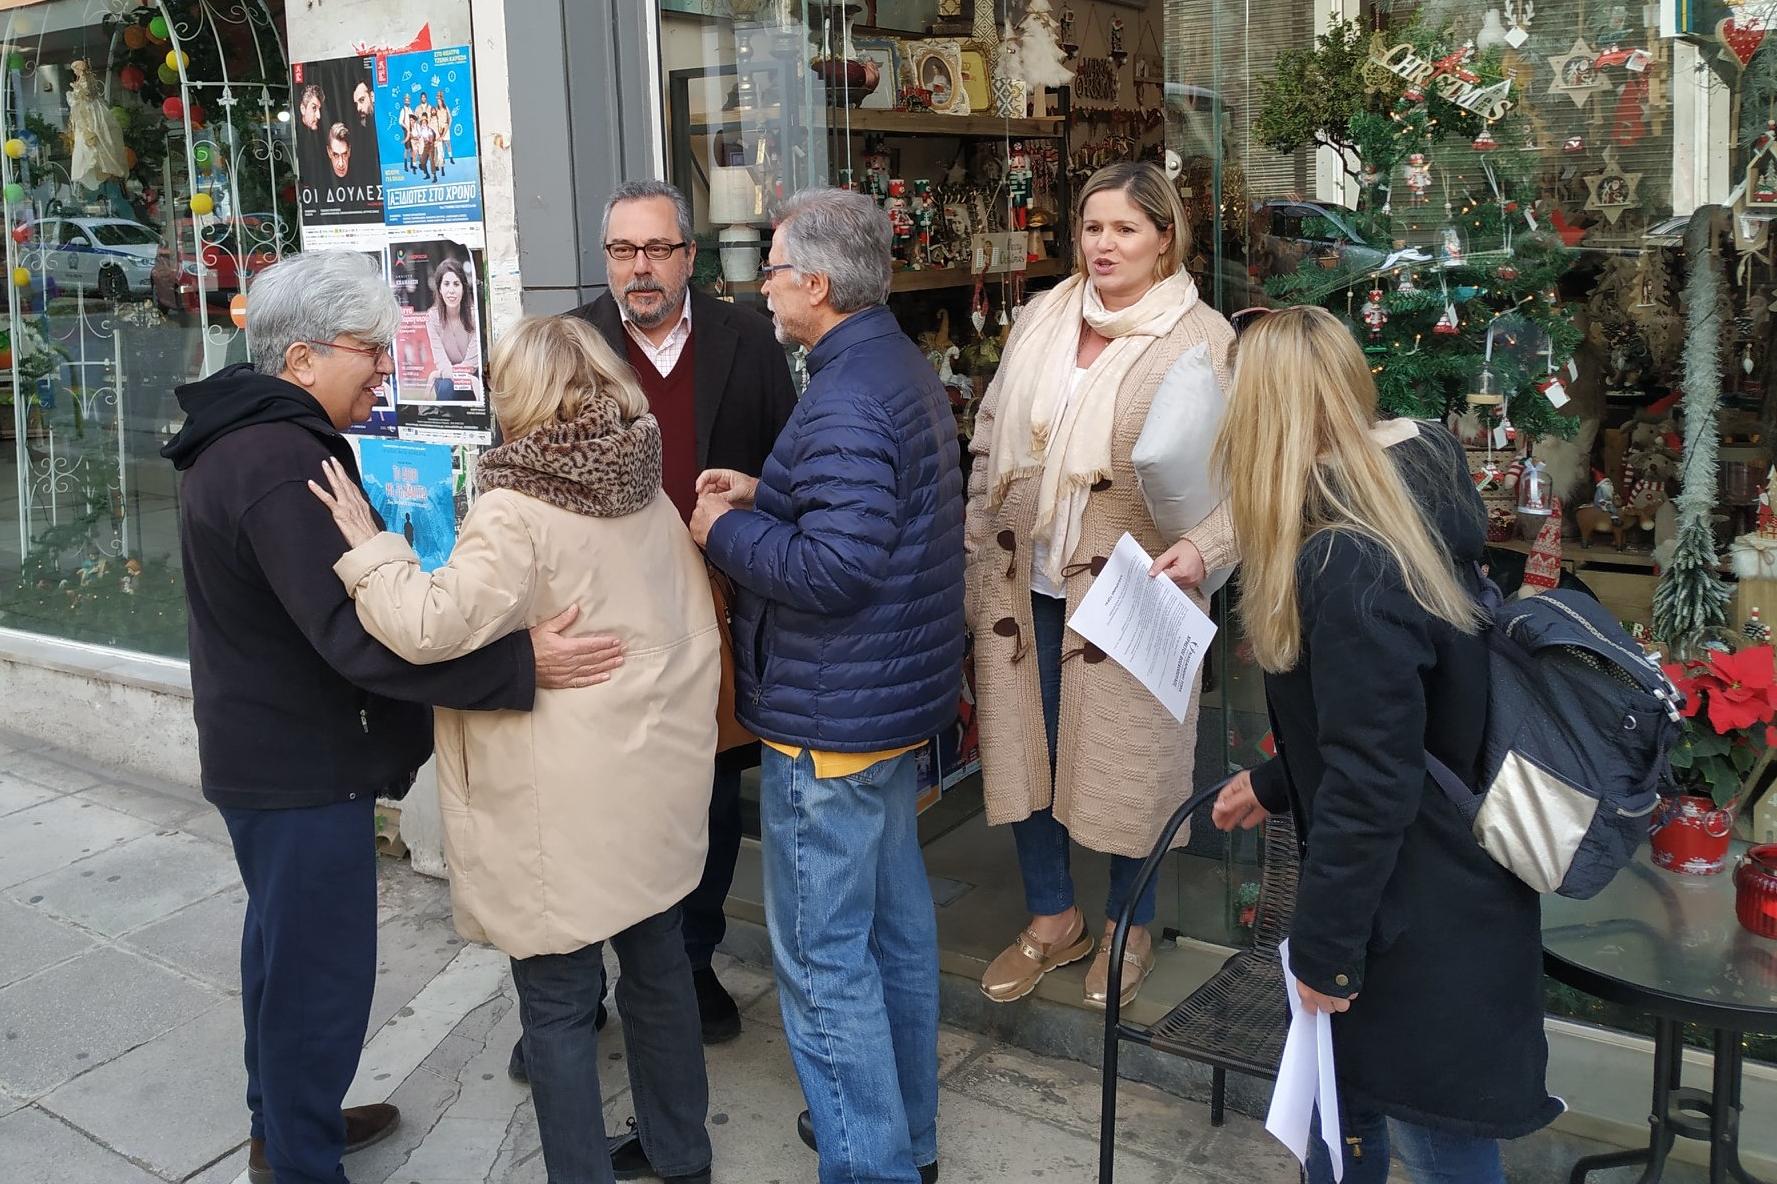 ΚΑΙΣΑΡΙΑΝΗ ΤΩΡΑ: οι πρώτες περιοδείες του υποψήφιου δημάρχου Χρ. Βοσκόπουλου